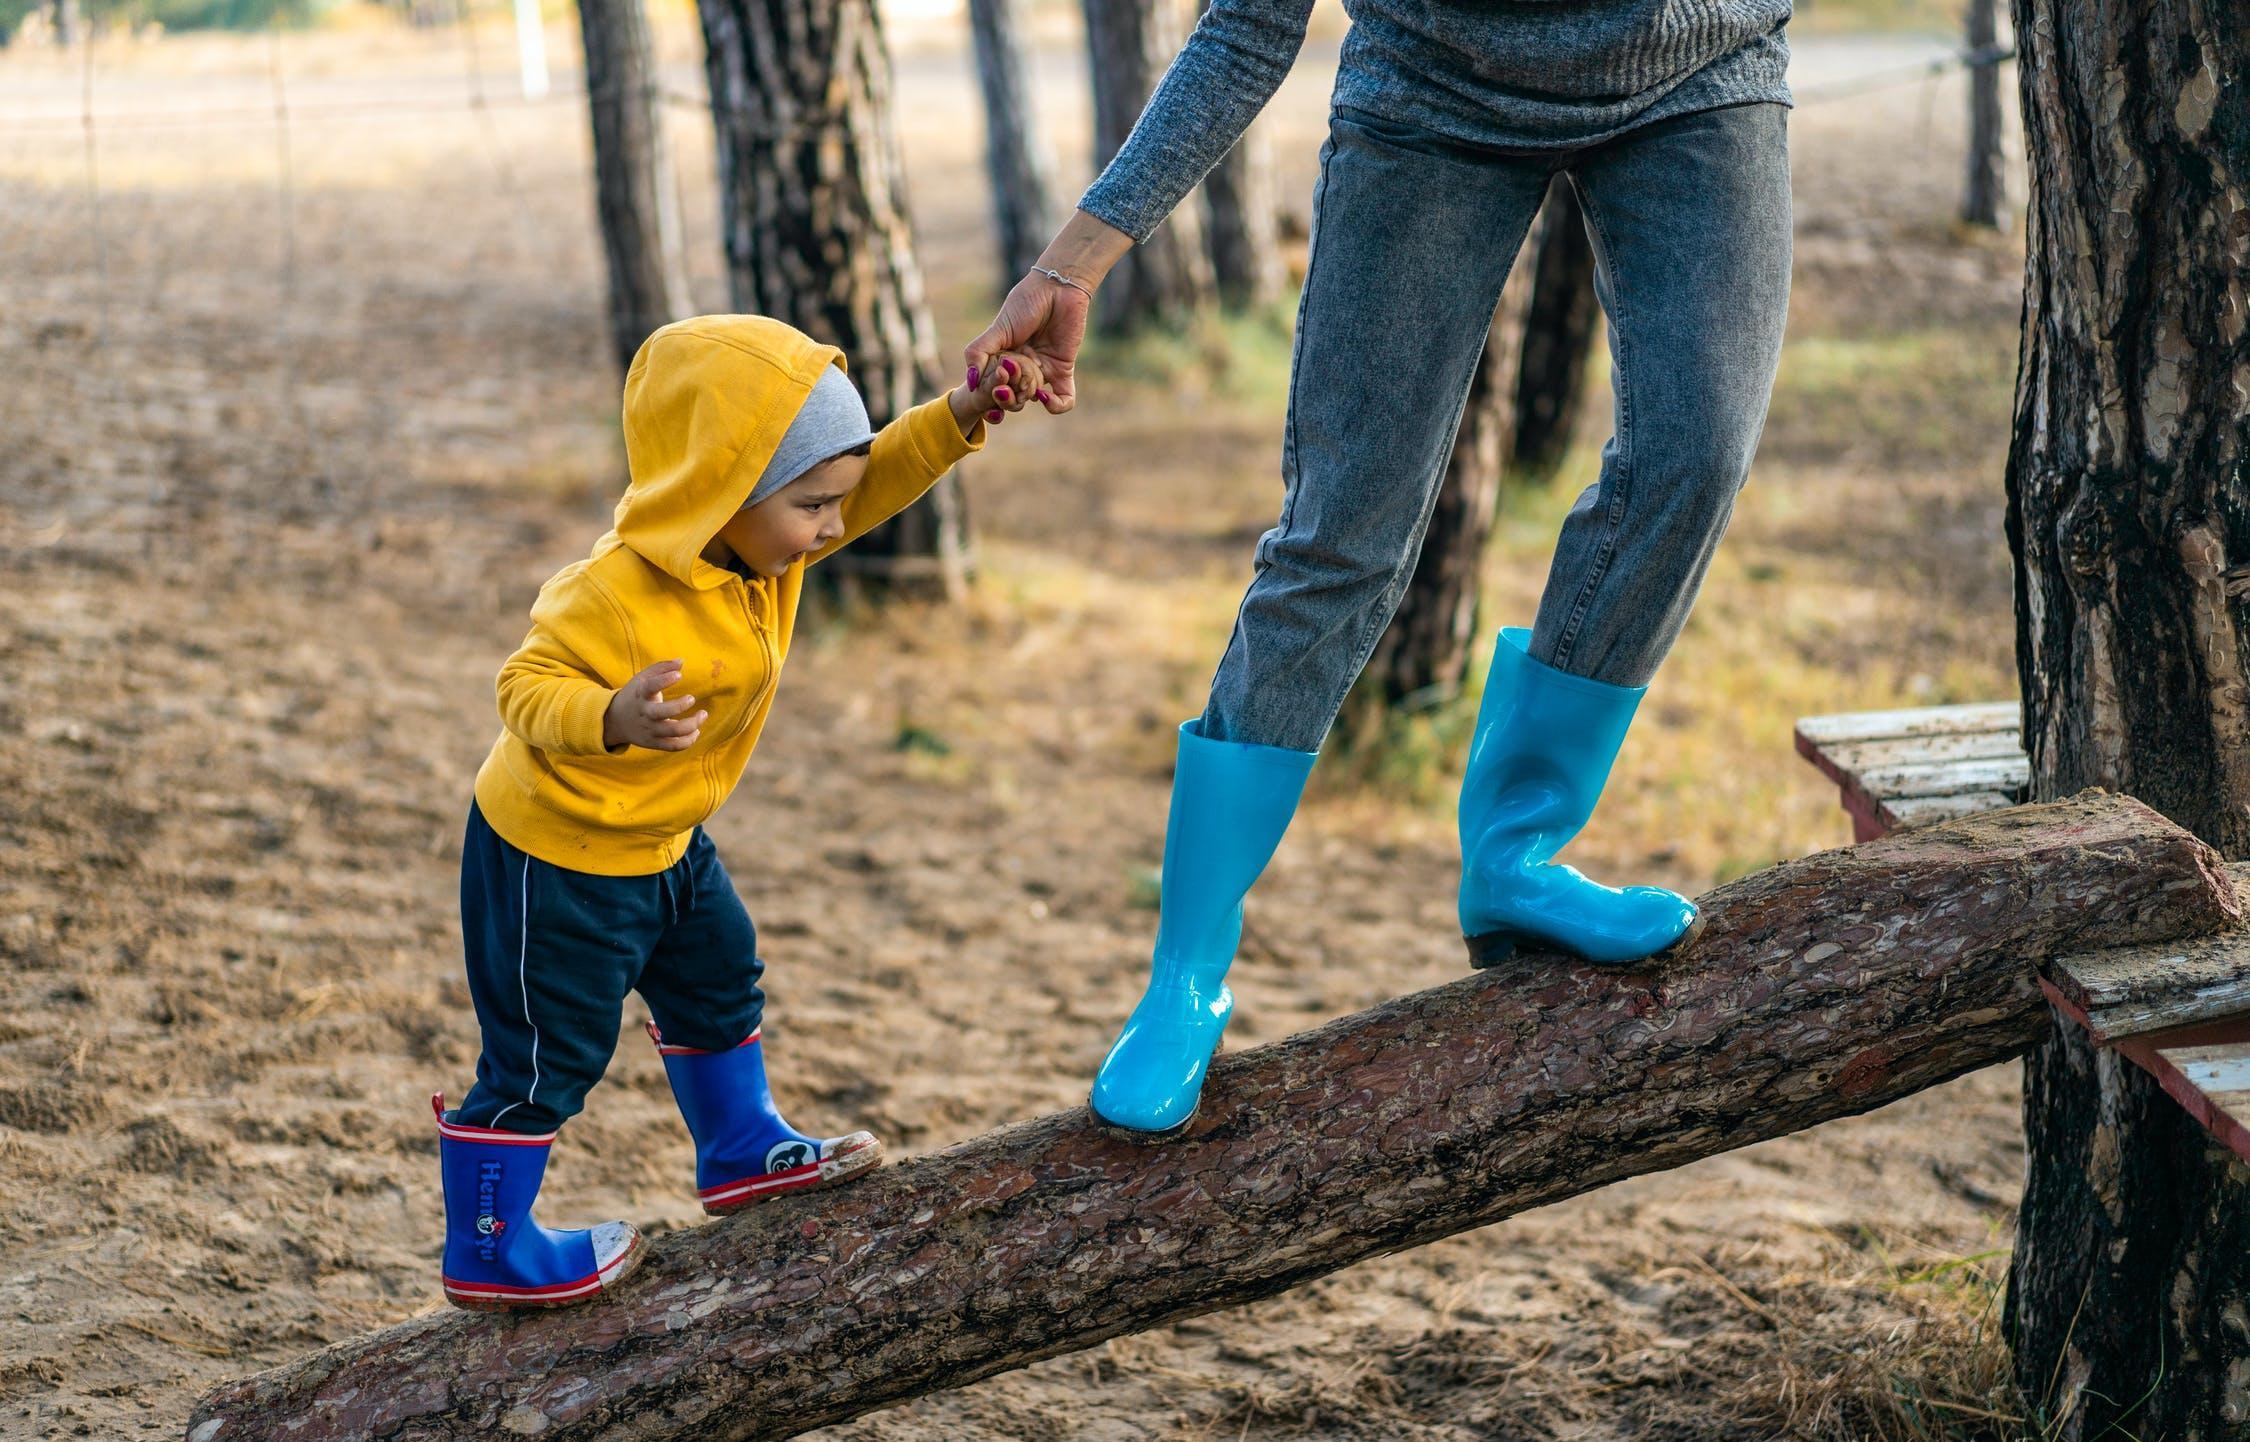 Стало известно, когда семьи получат выплаты на детей от 3 до 7 лет - новости Афанасий